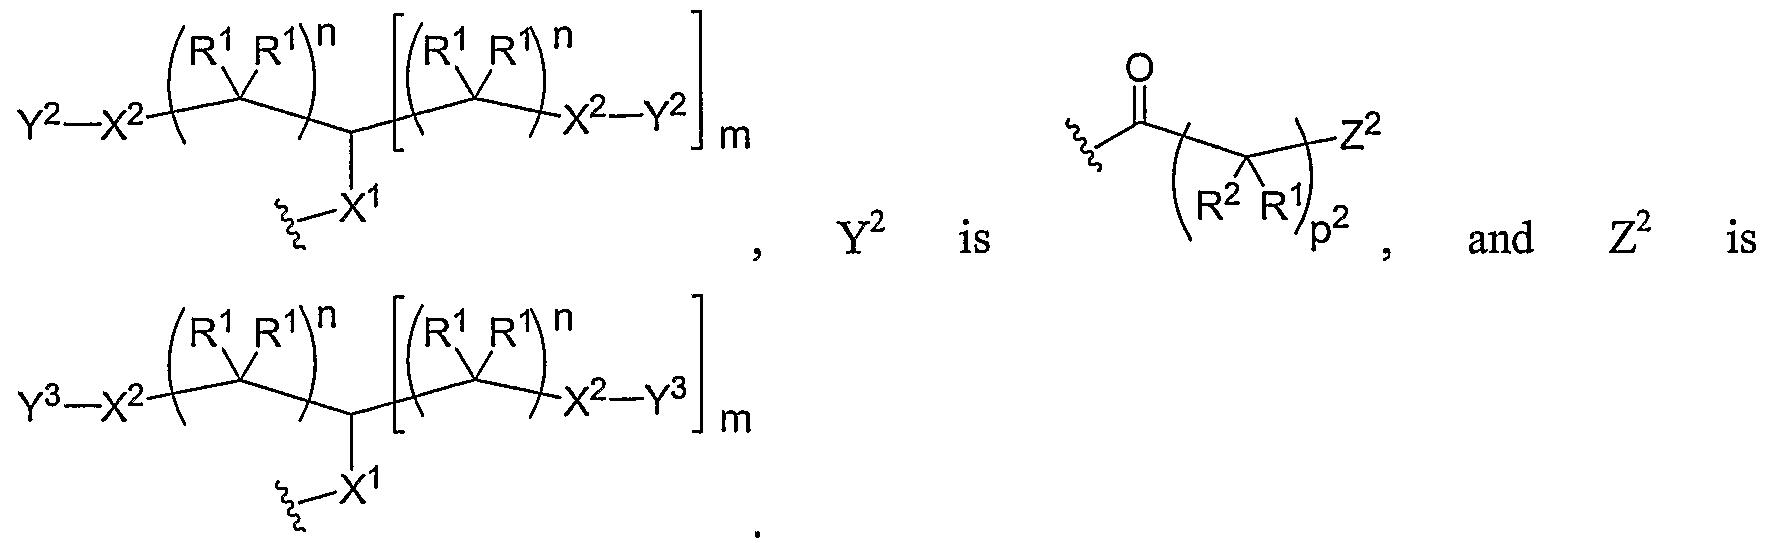 Figure imgf000374_0001